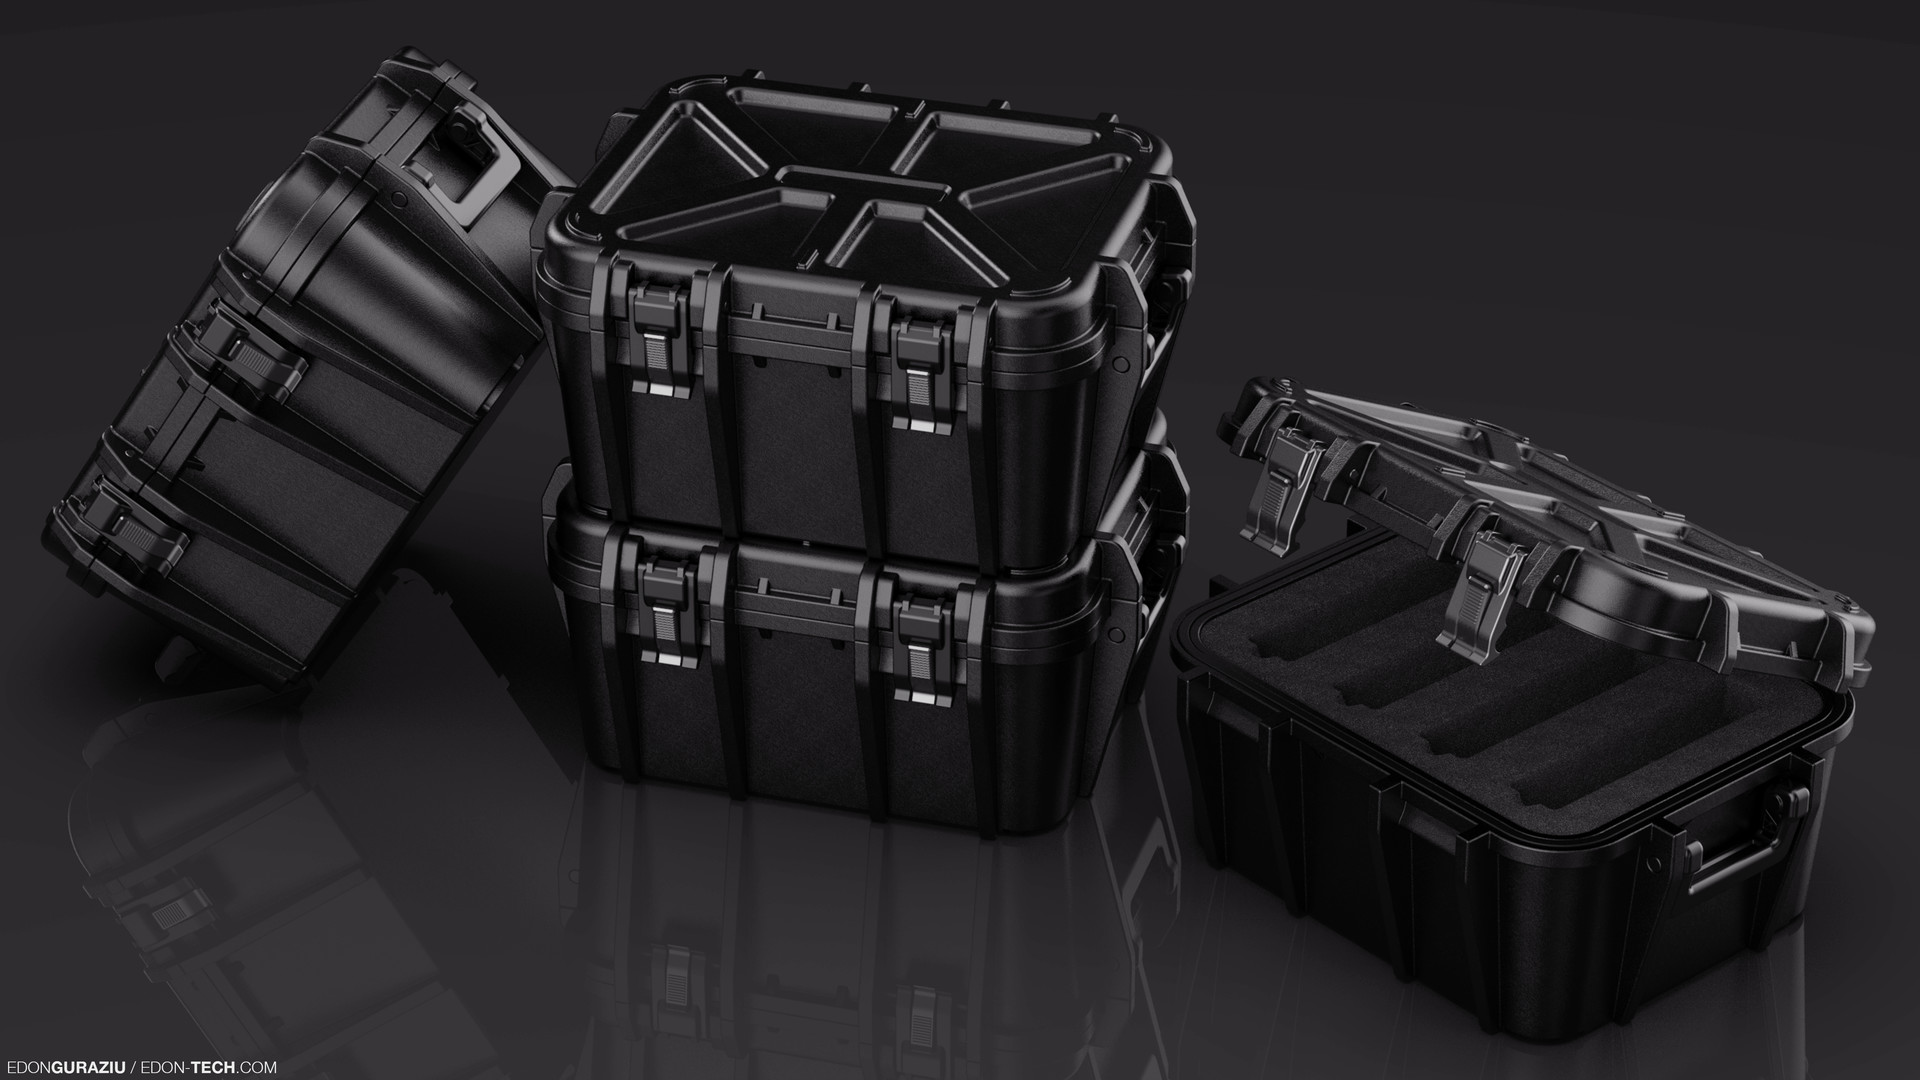 Edon guraziu pistol crate file 003